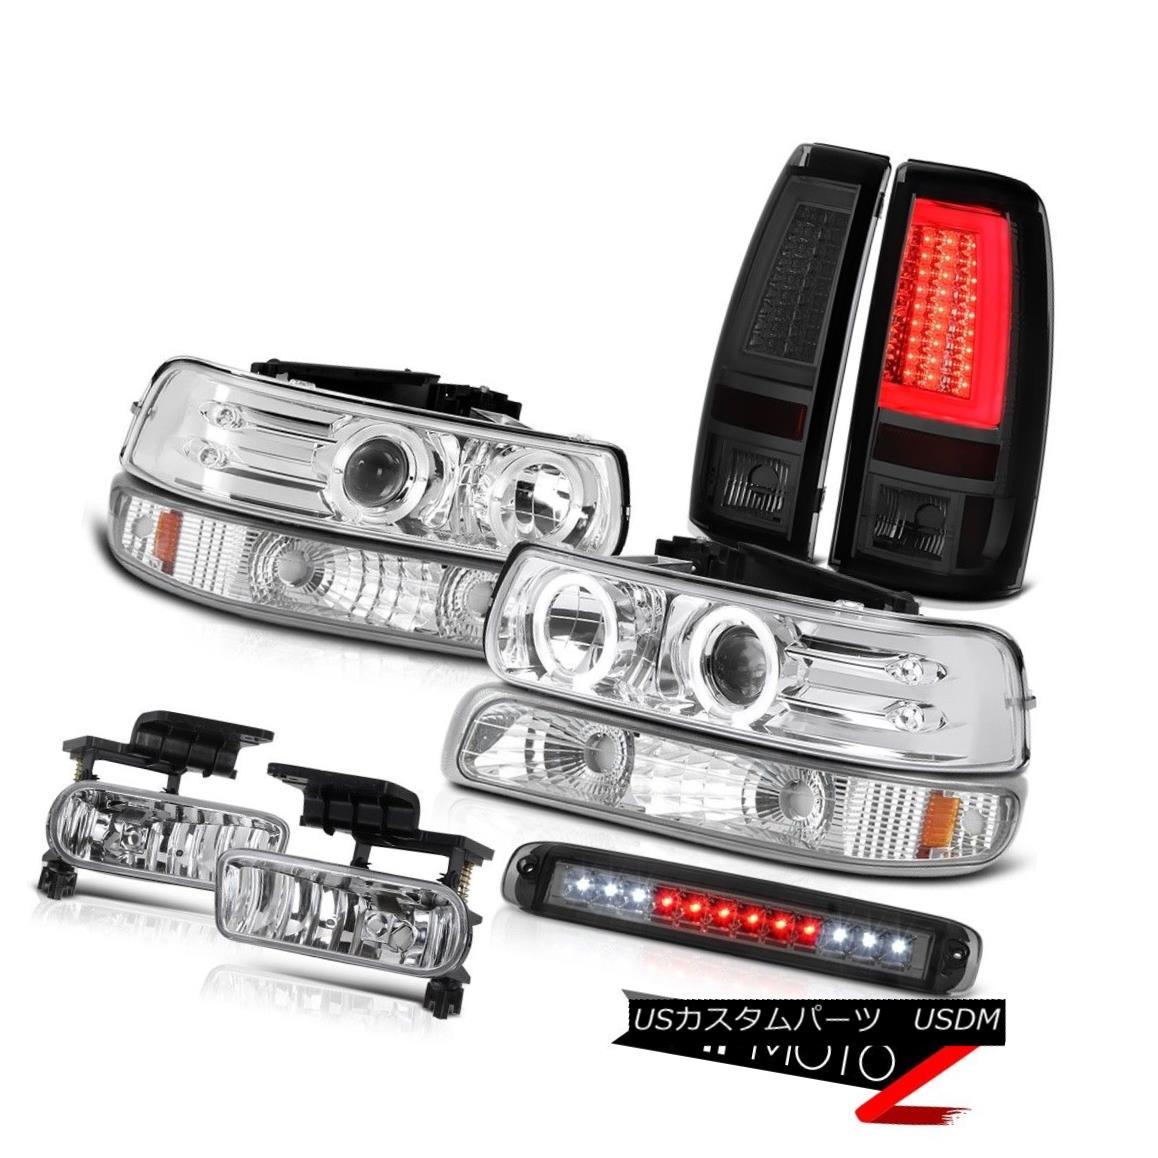 テールライト 99 00 01 02 Silverado LS Tail Lights High Stop Light Signal Lamp Headlamps Fog 99 00 01 02 Silverado LSテールライトハイストップランプ信号ランプヘッドライトフォグ